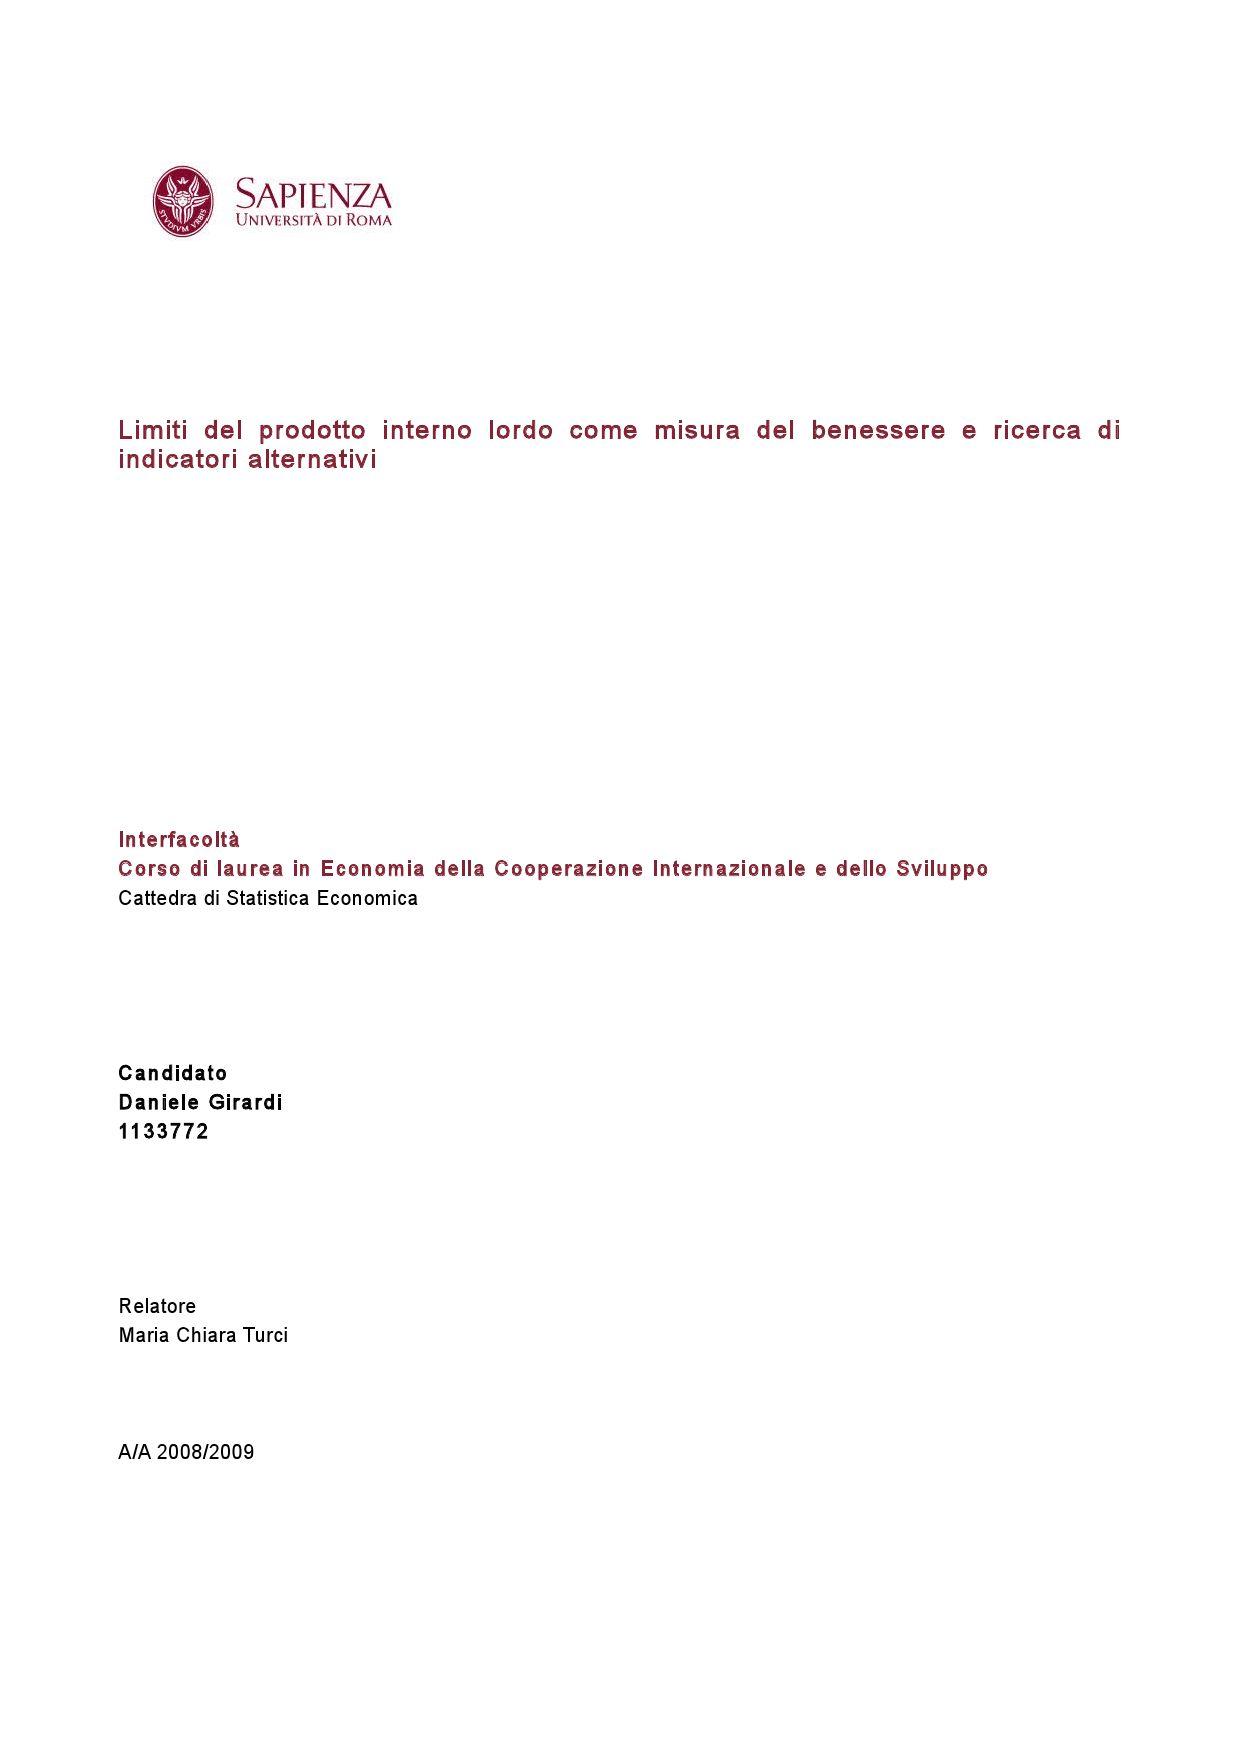 Limiti Del Prodotto Interno Lordo Come Misura Del Benessere E Ricerca Di Indicatori Alternativi By Aniello De Padova Issuu